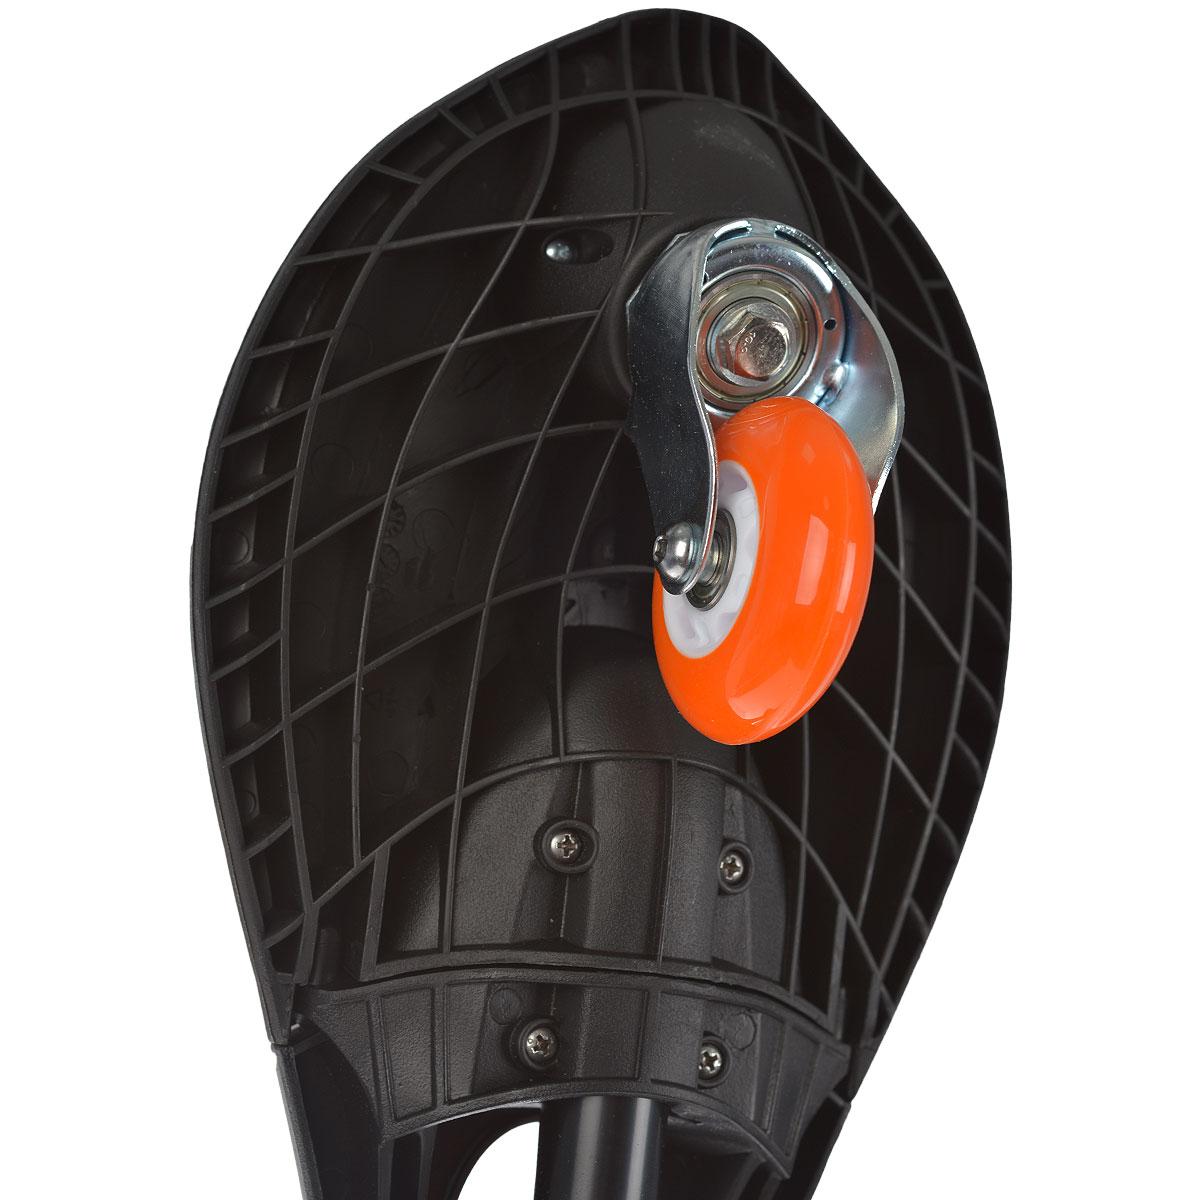 """Скейтборд двухколесный JDBug """"Power Surf"""", цвет: черный, оранжевый, 76,5 см"""